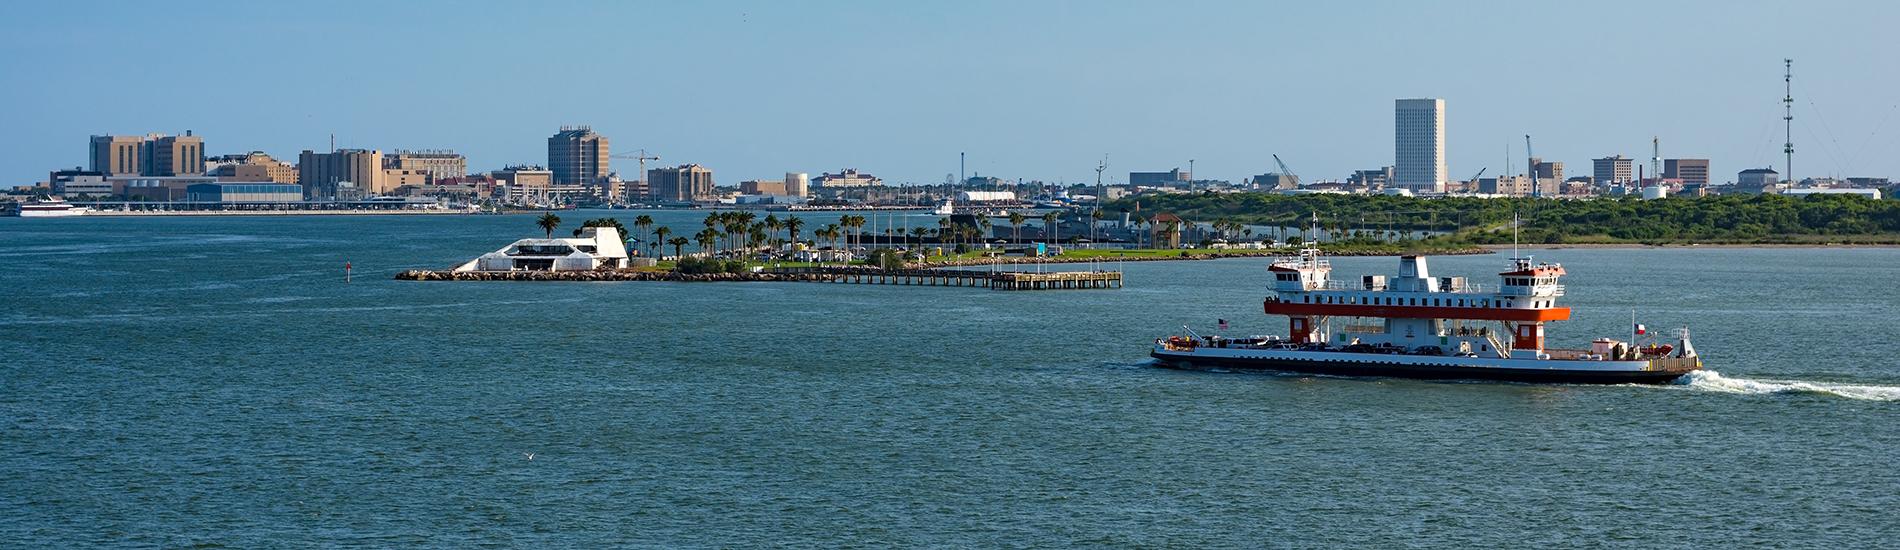 Ferryboat_adj